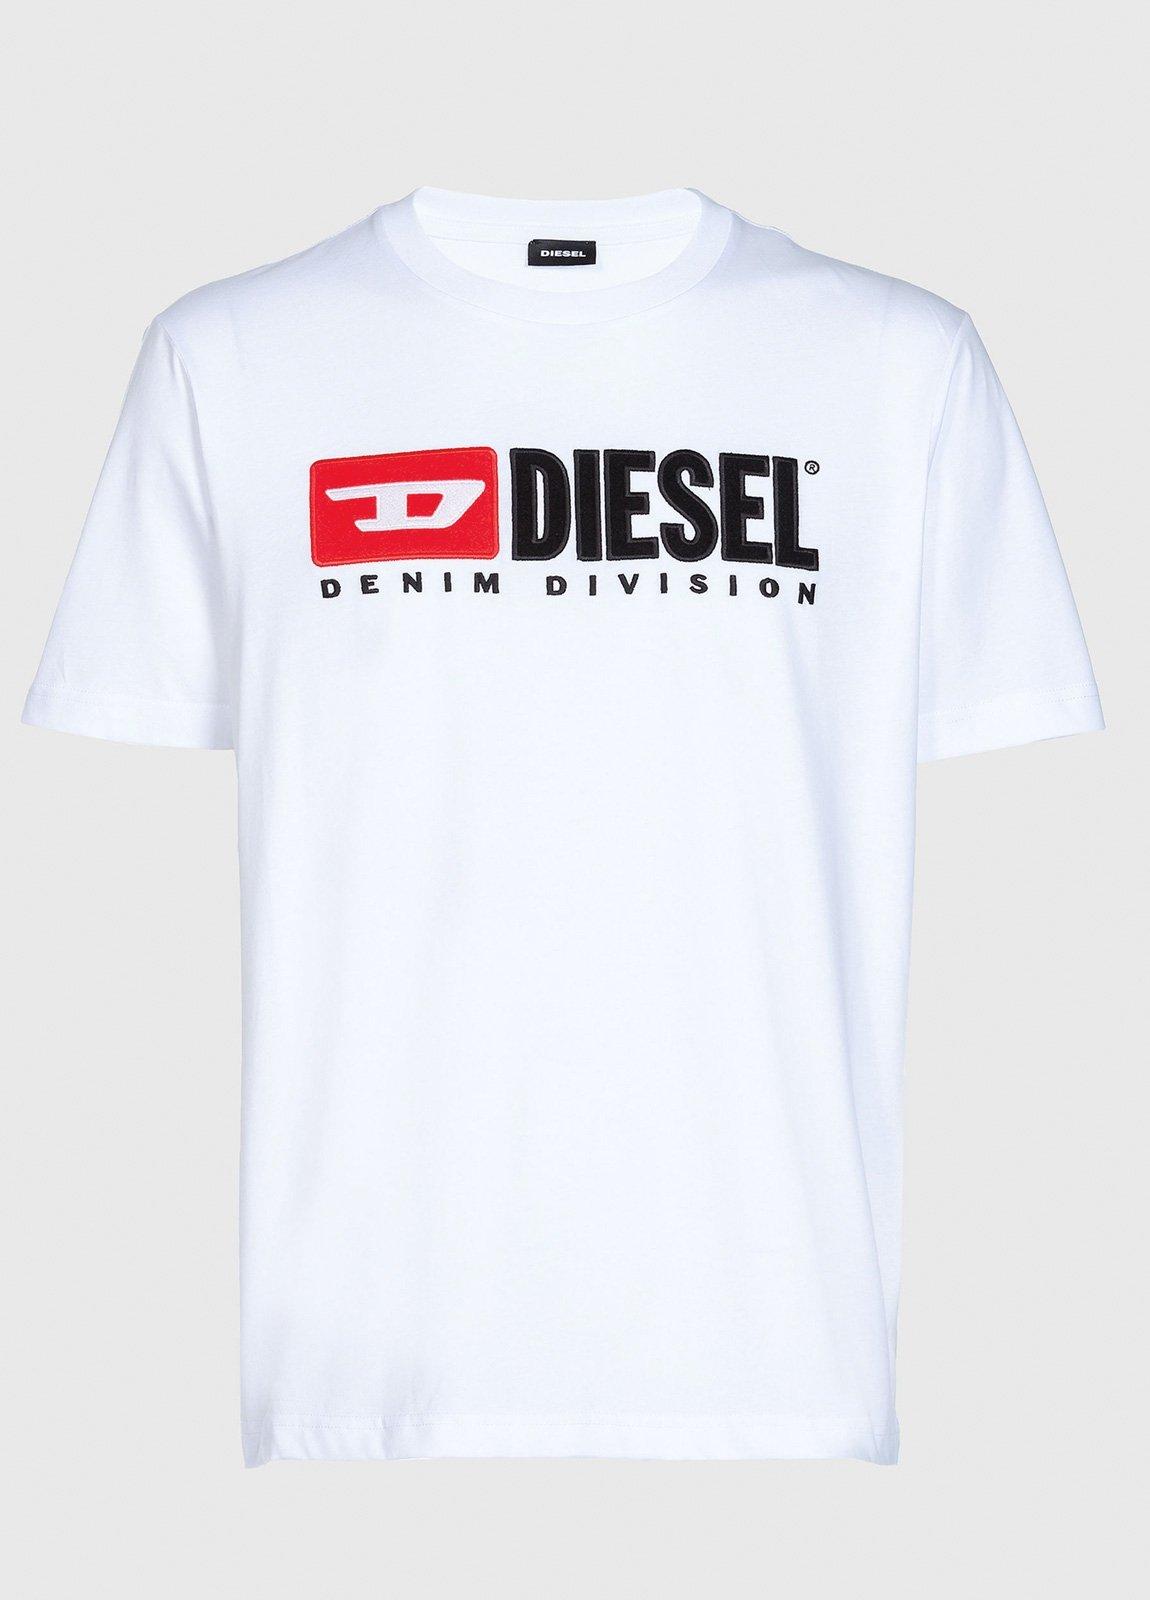 Camiseta básica m/corta de corte recto y logo años 90. Color blanco. 100% algodón. - Ítem1